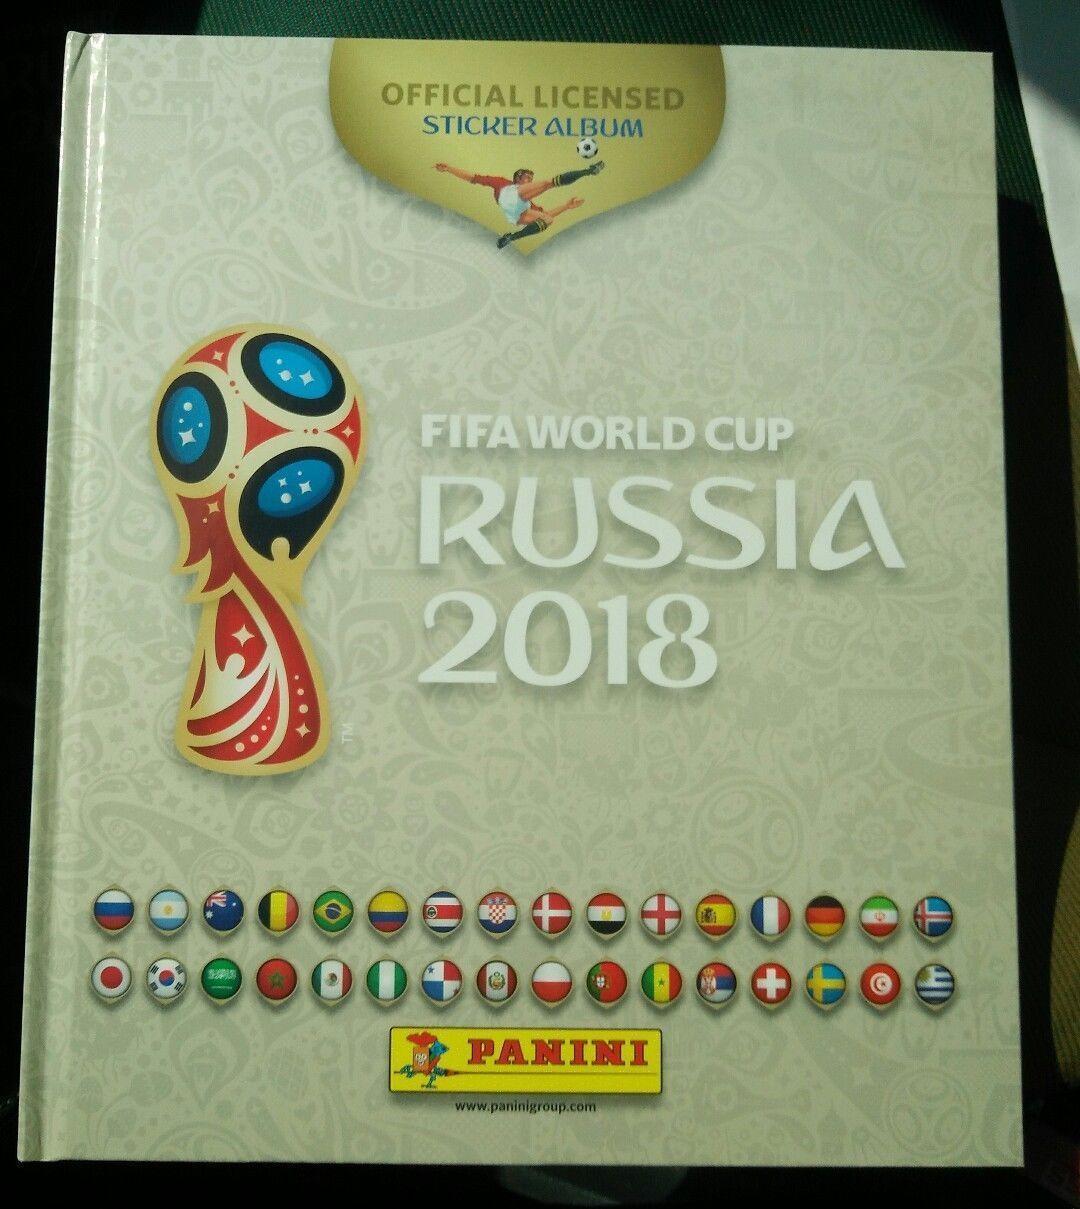 Panini 2018 Wc Wm Fifa World Cup Russia Empty Sticker Hardcover Album White Rare Please Retweet Balompie Compras